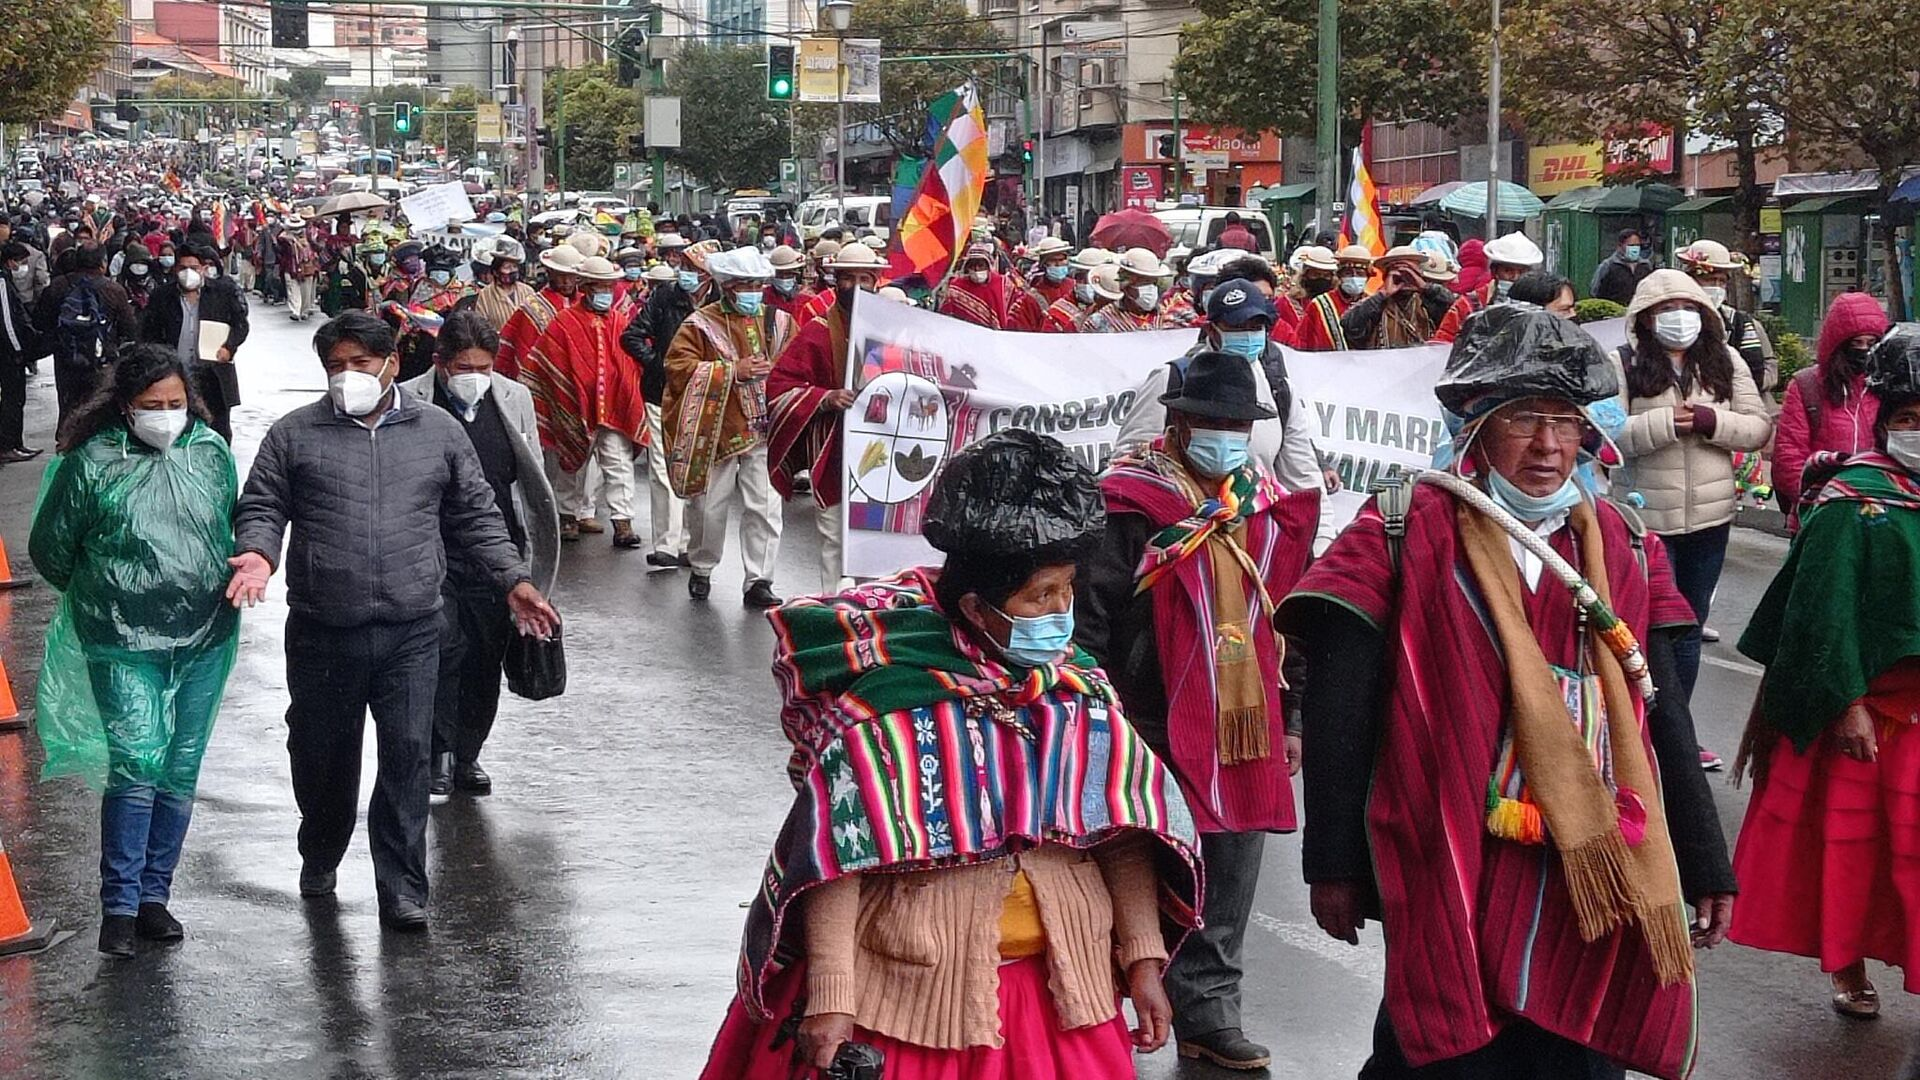 Indígenas y campesinos marchan en La Paz, Bolivia - Sputnik Mundo, 1920, 27.09.2021